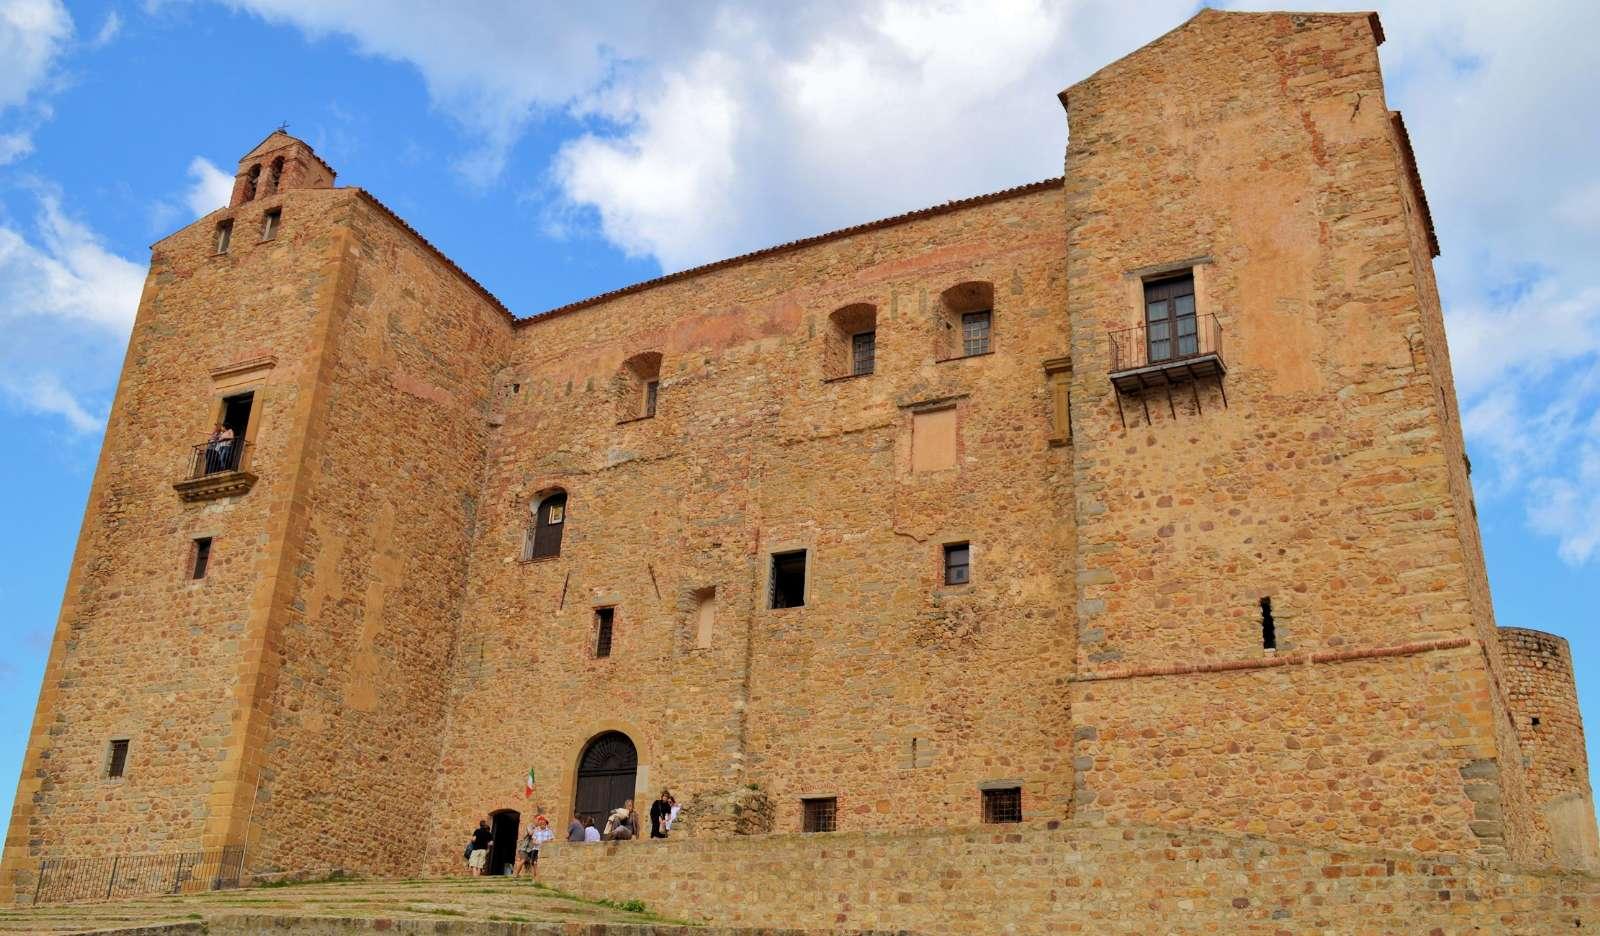 Castello di Ventimiglia